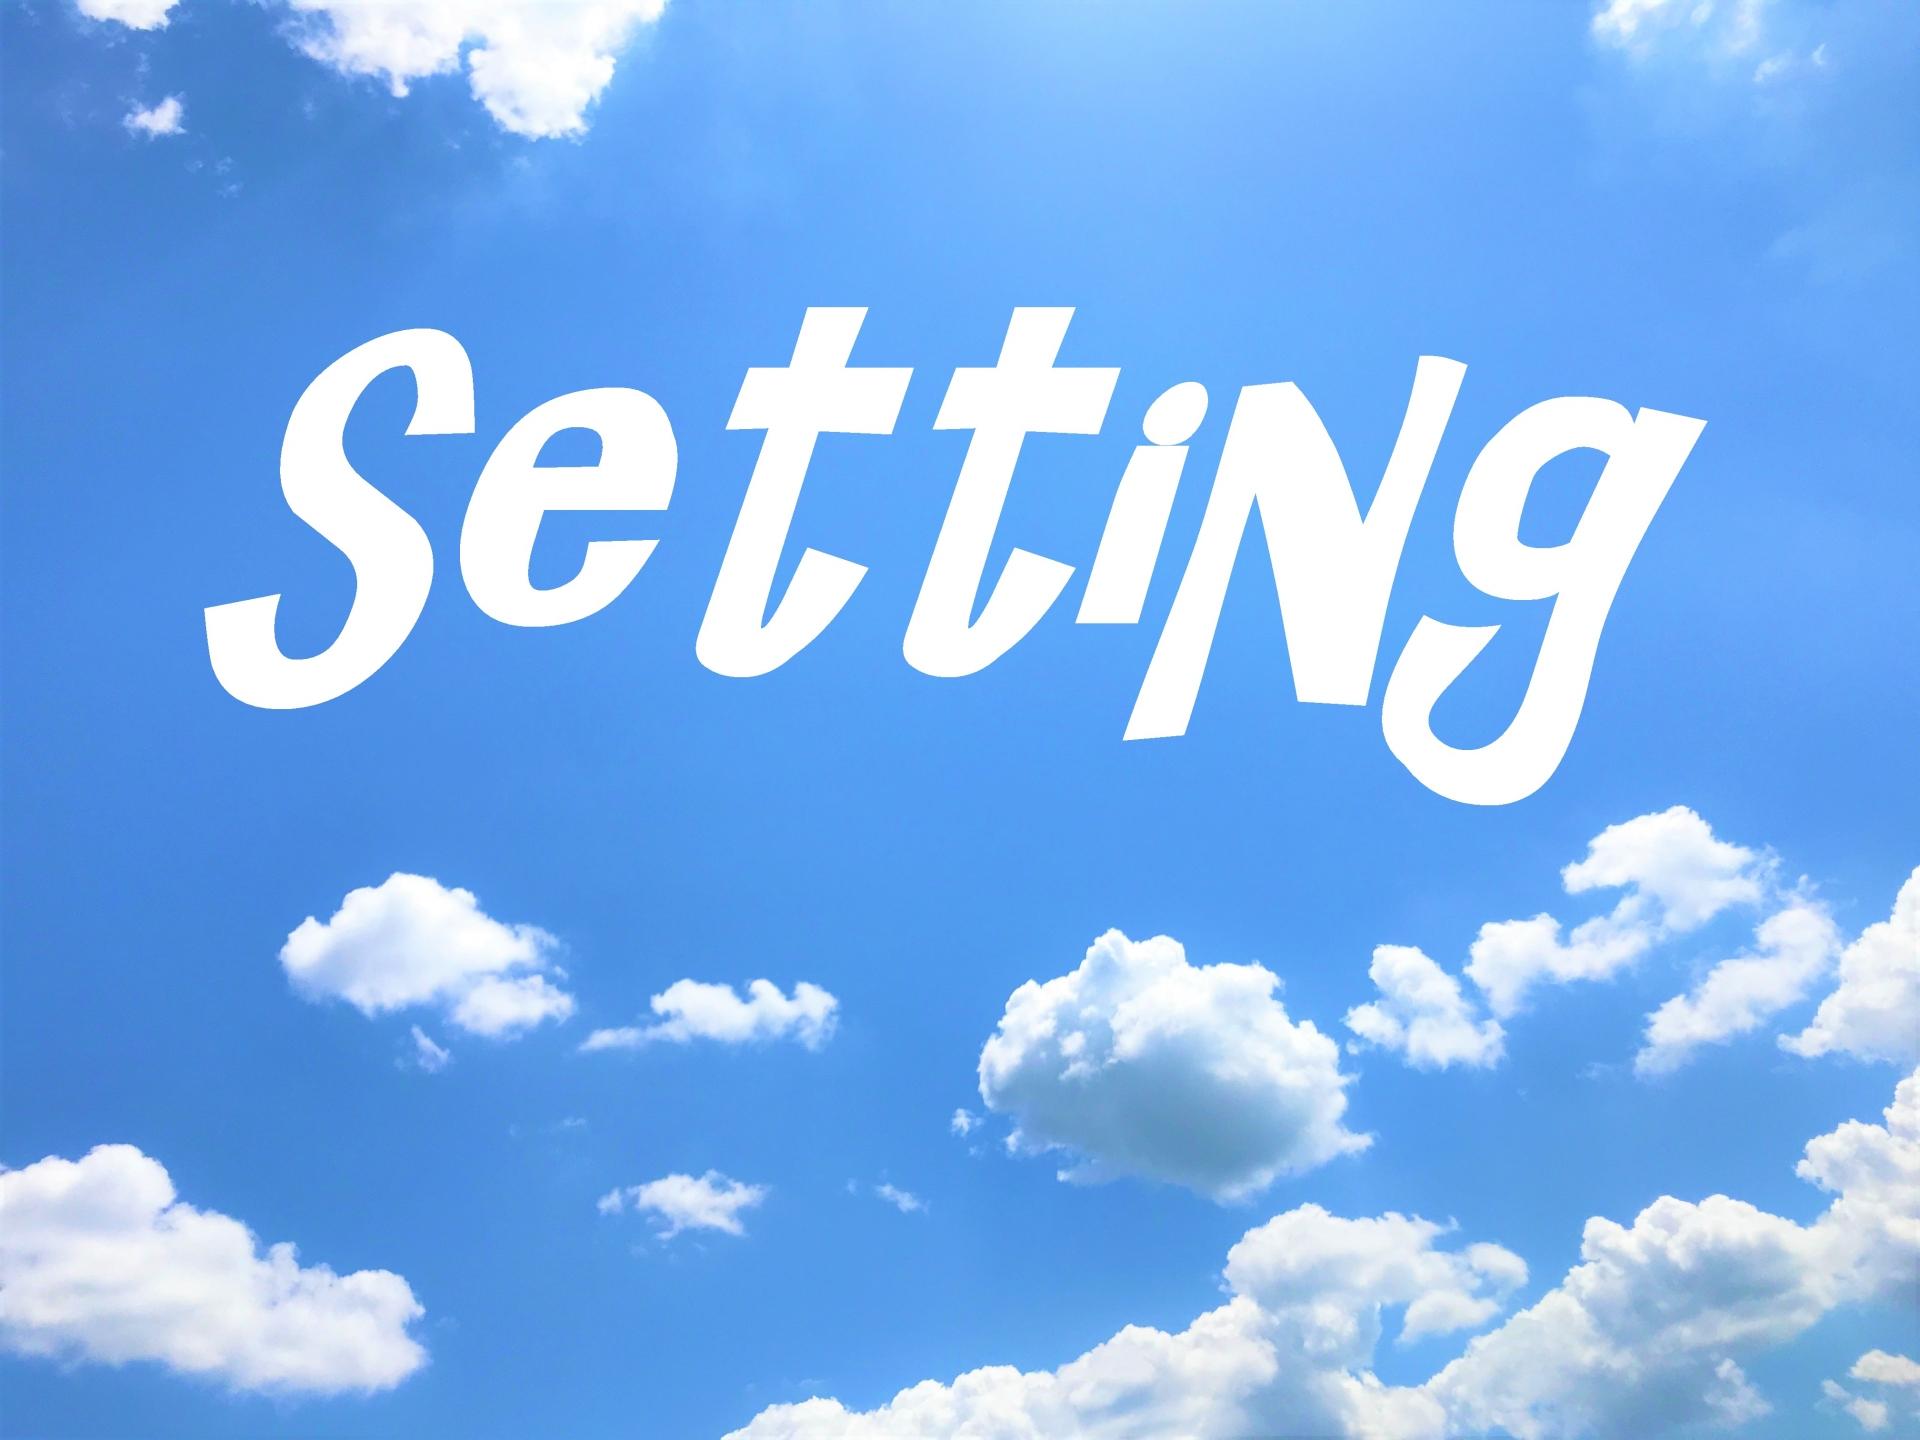 【WordPressの初期設定】初めにやることを初心者向けに解説します